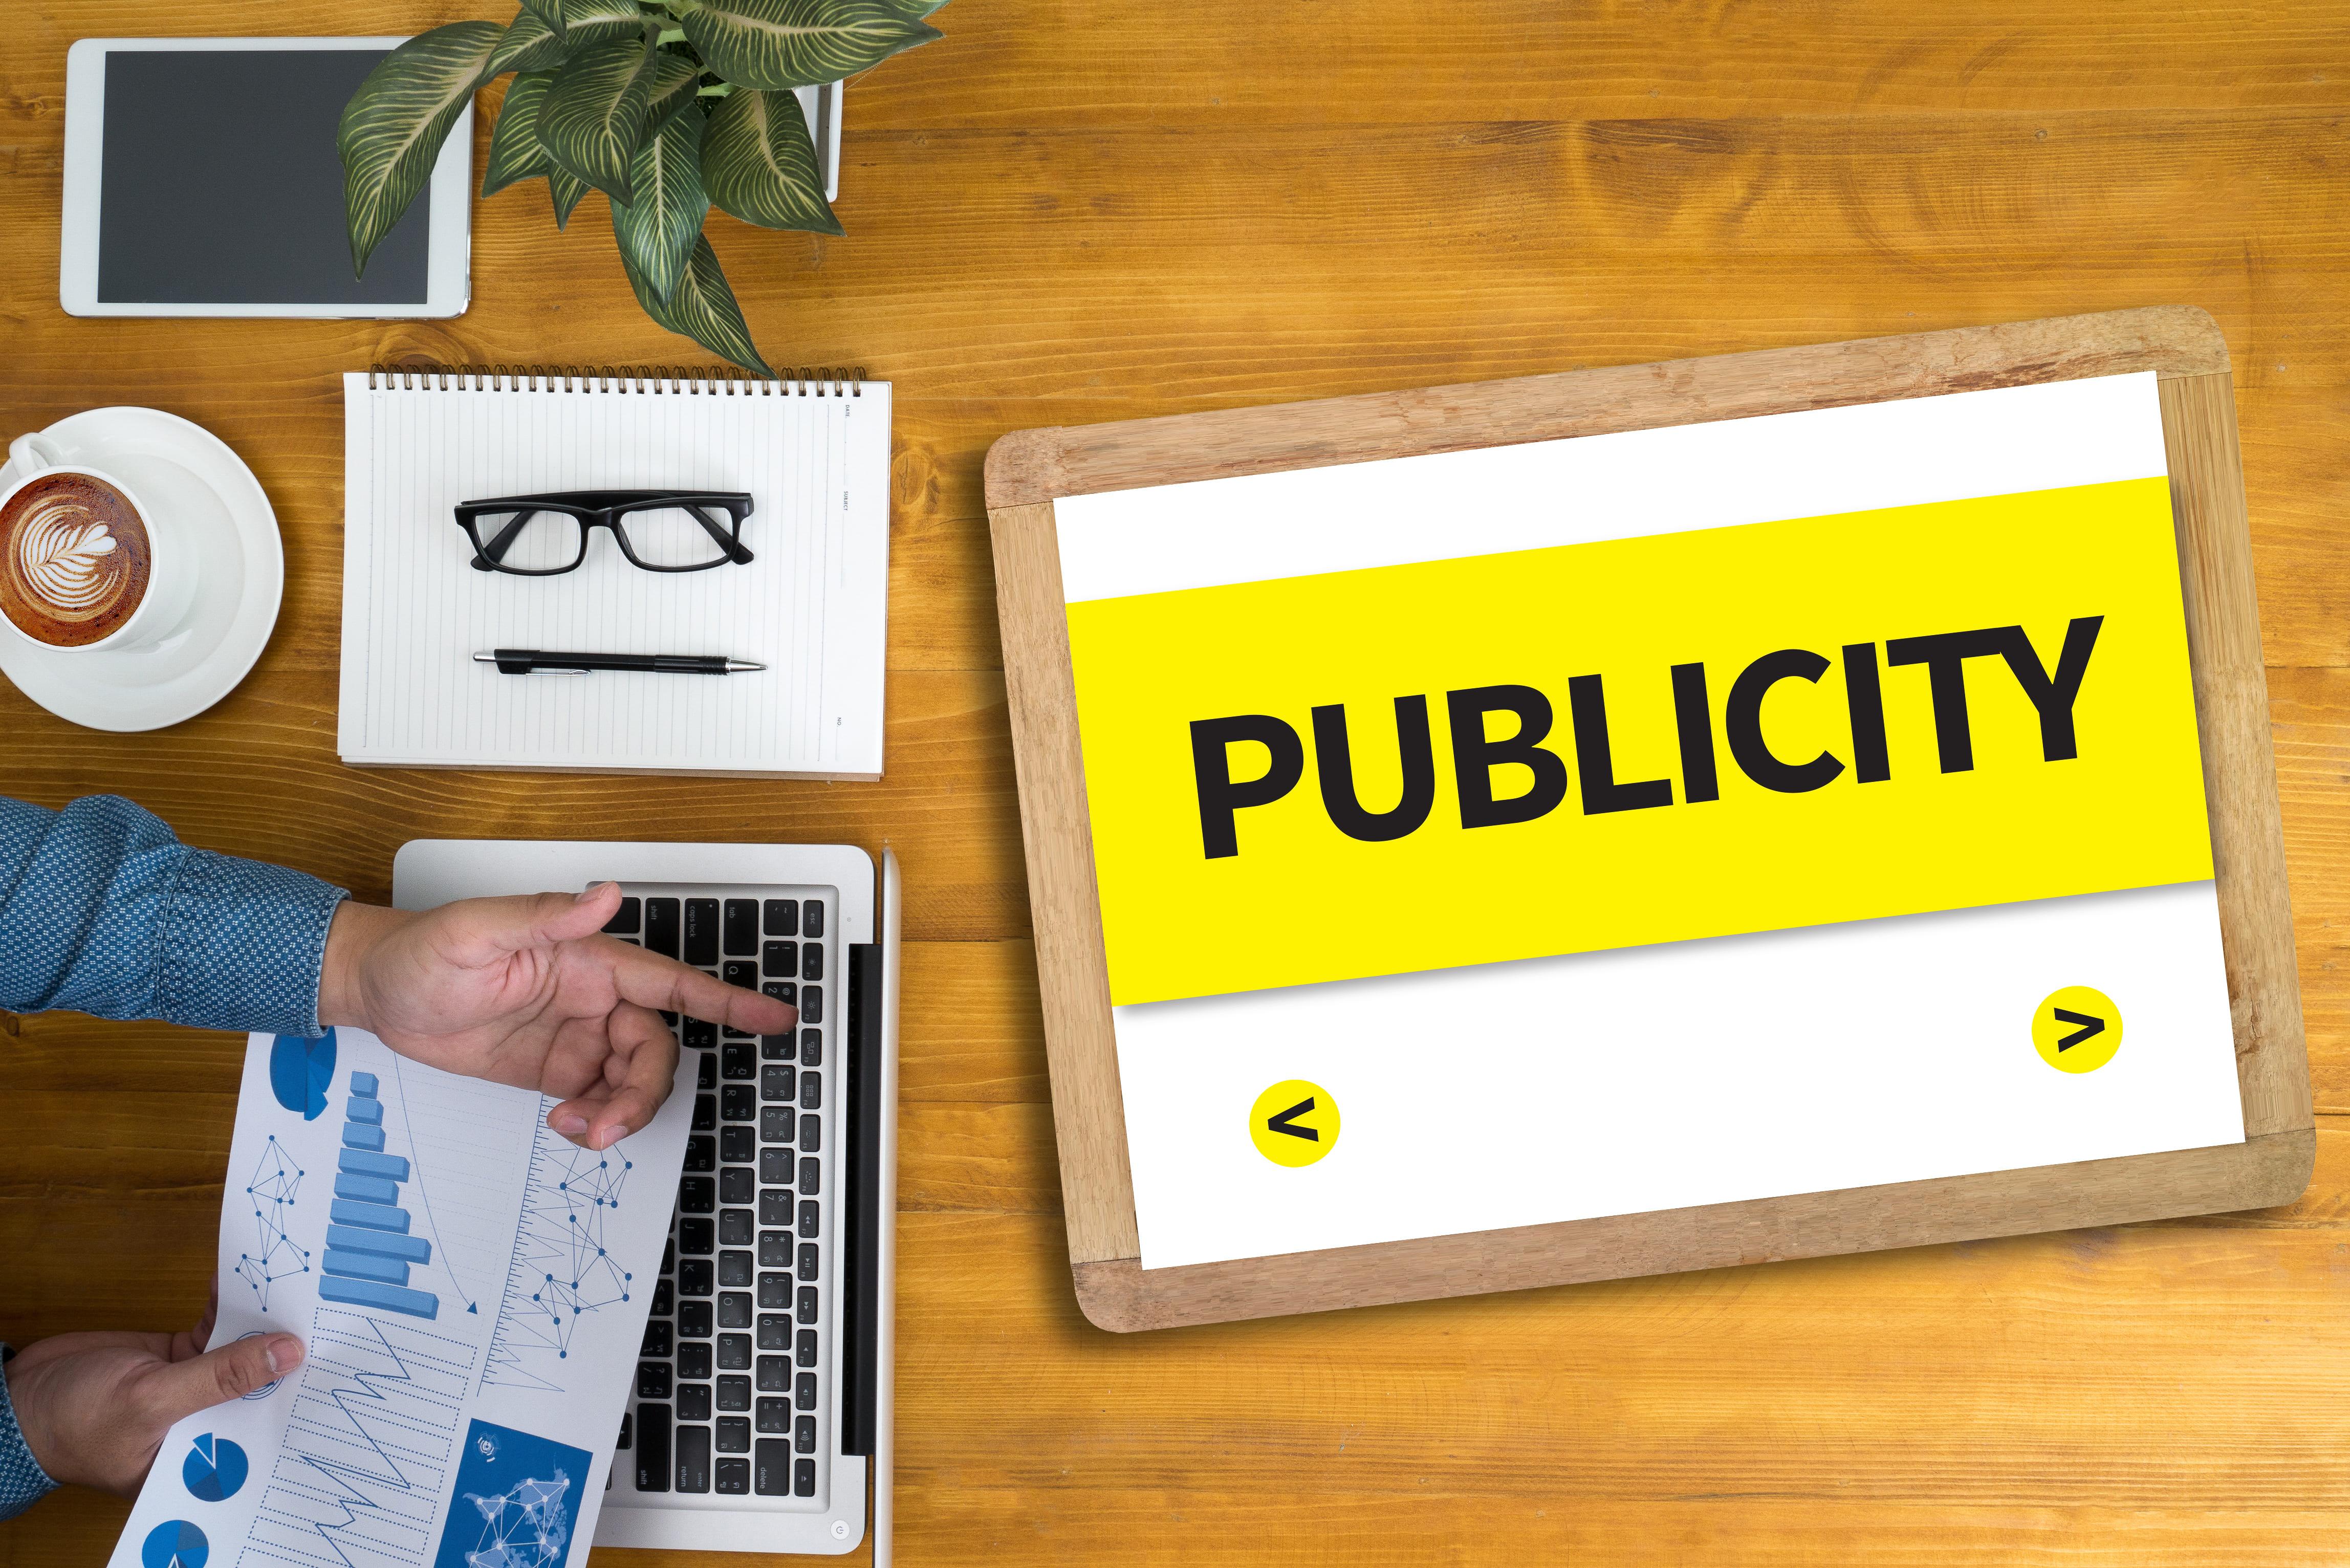 Imagem de um tablet com a palavra publicidade para remeter ao empreendedor que já usou as estratégias de marketing